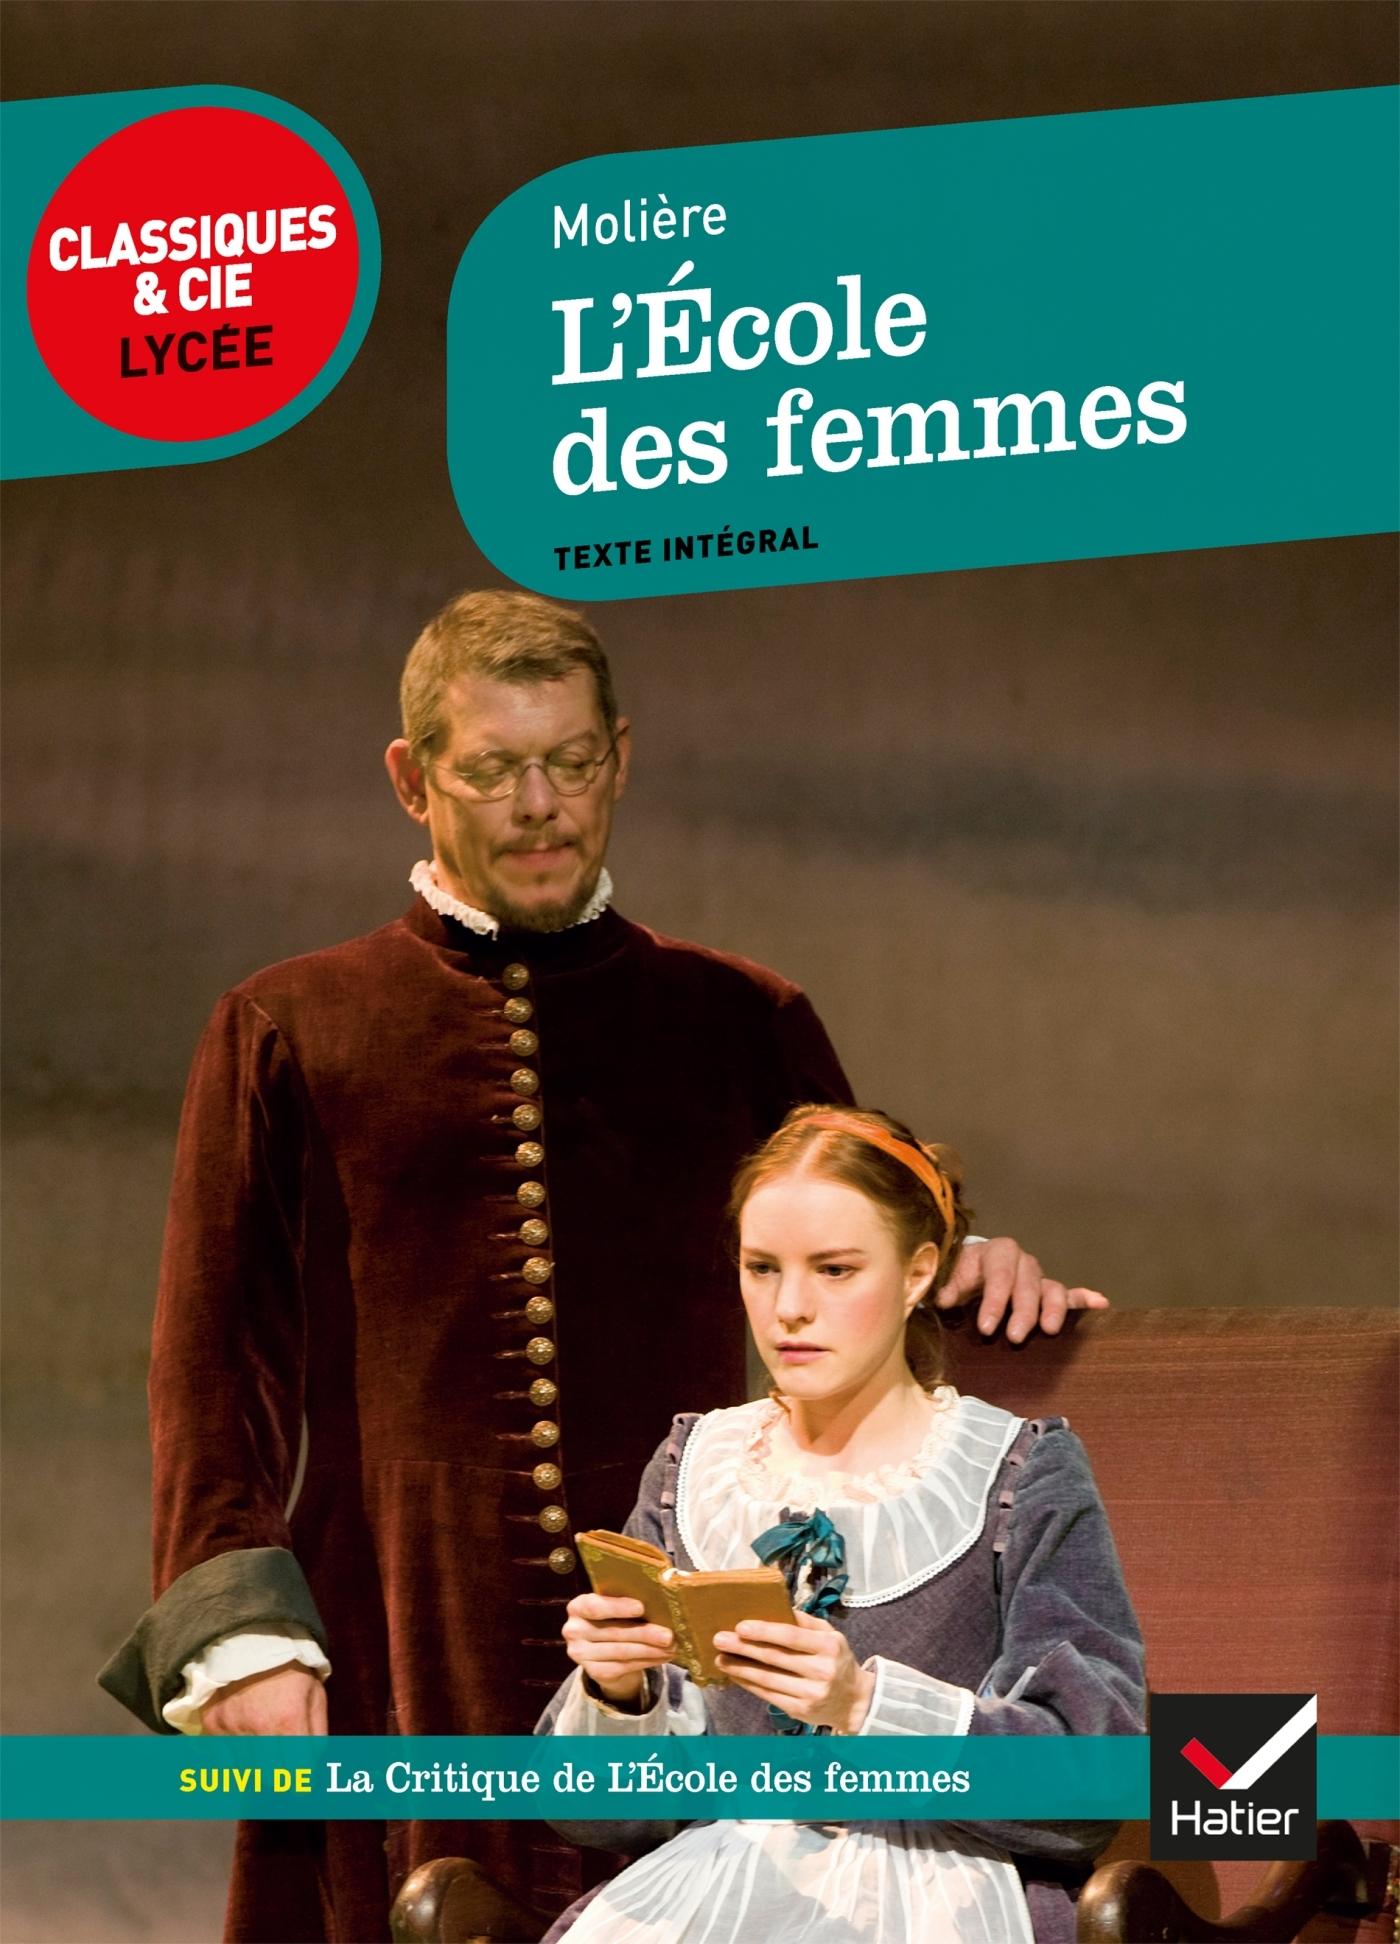 CLASSIQUES & CIE LYCEE - 19 - L'ECOLE DES FEMMES - SUIVI DE LA CRITIQUE DE L ECOLE DES FEMMES ET D U